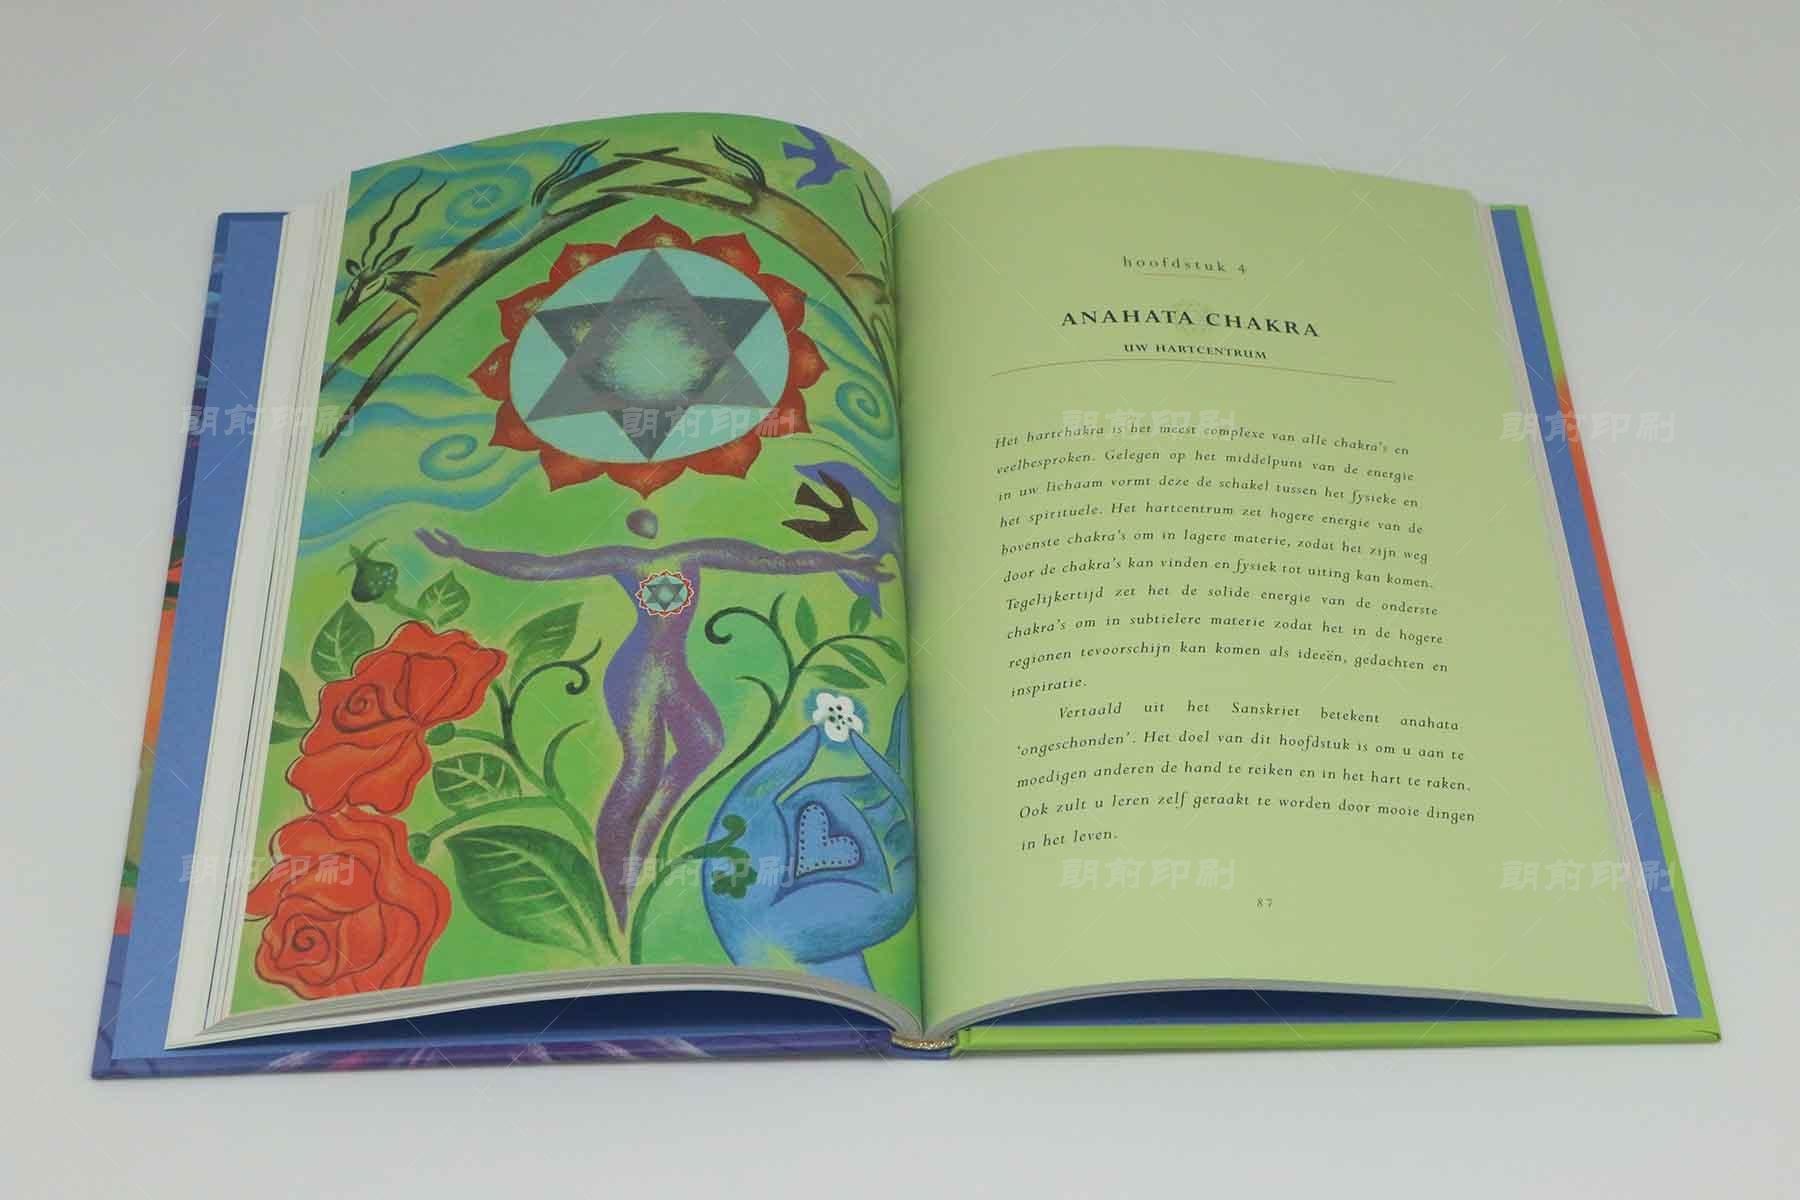 广州画册印刷一般时间多久 广州印刷画册厂家厂